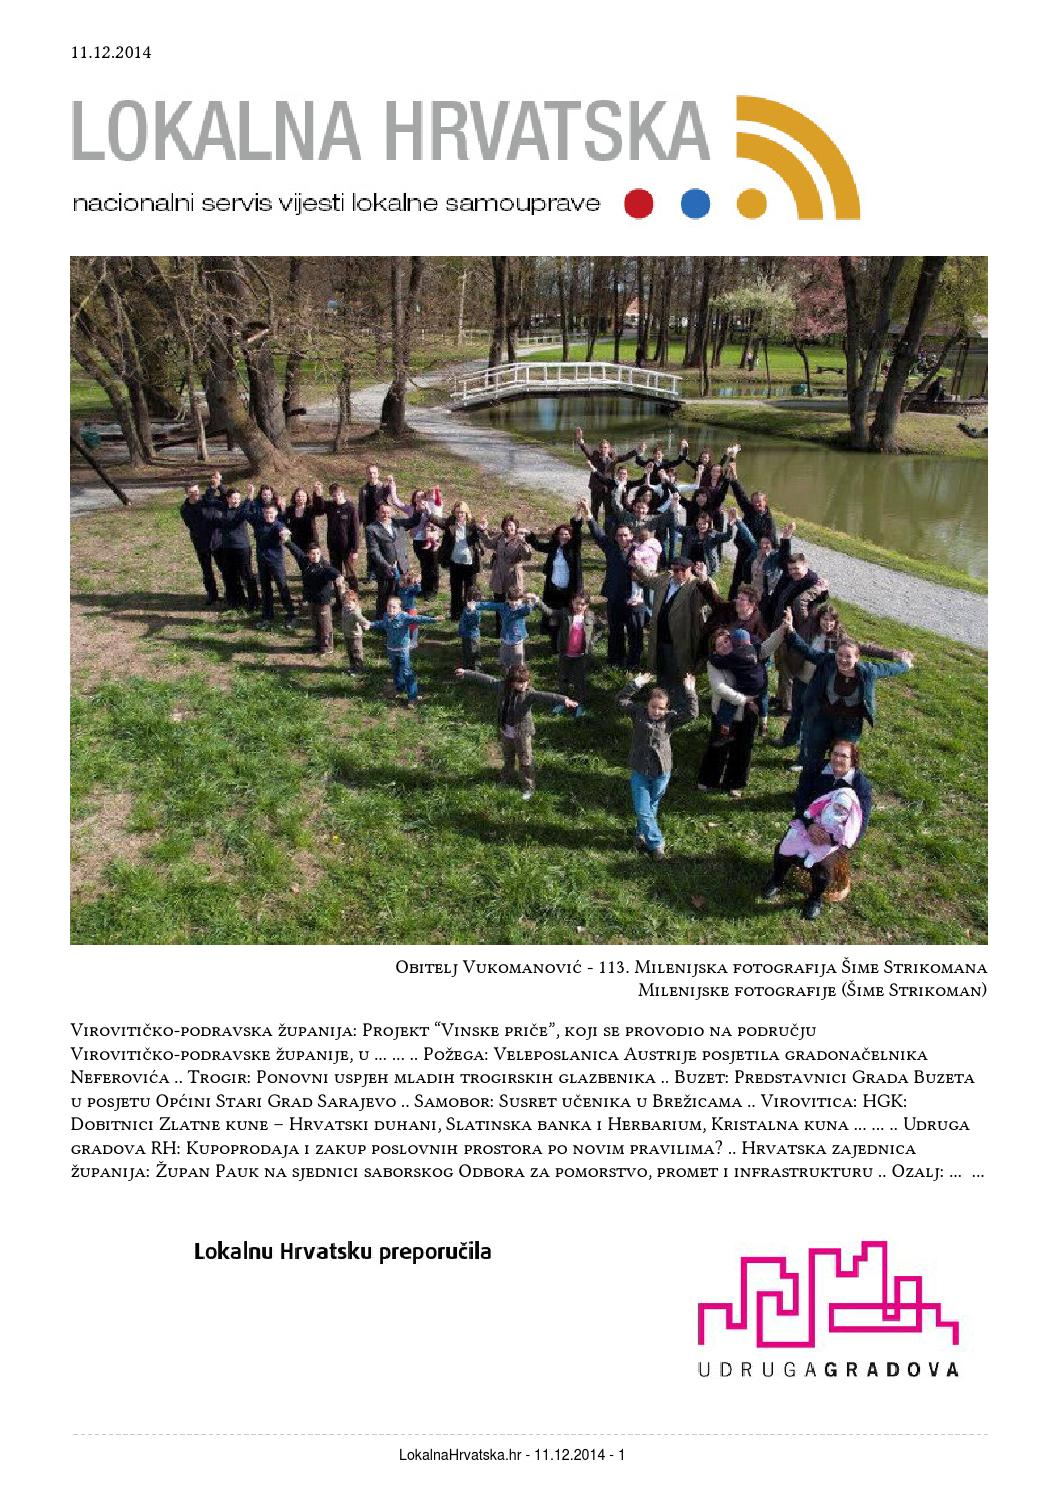 Naslovnica elektronskog izdanja: Šime Strikoman - Milenijske fotografije | Kliknite, pregledajte i prijavite se za besplatno praćenje (follow) novog nacionalnog digitalnog dnevnog magazina. Logirajte se Gmailom, Facebookom, LinkedIn-om i kliknite FOLLOW.